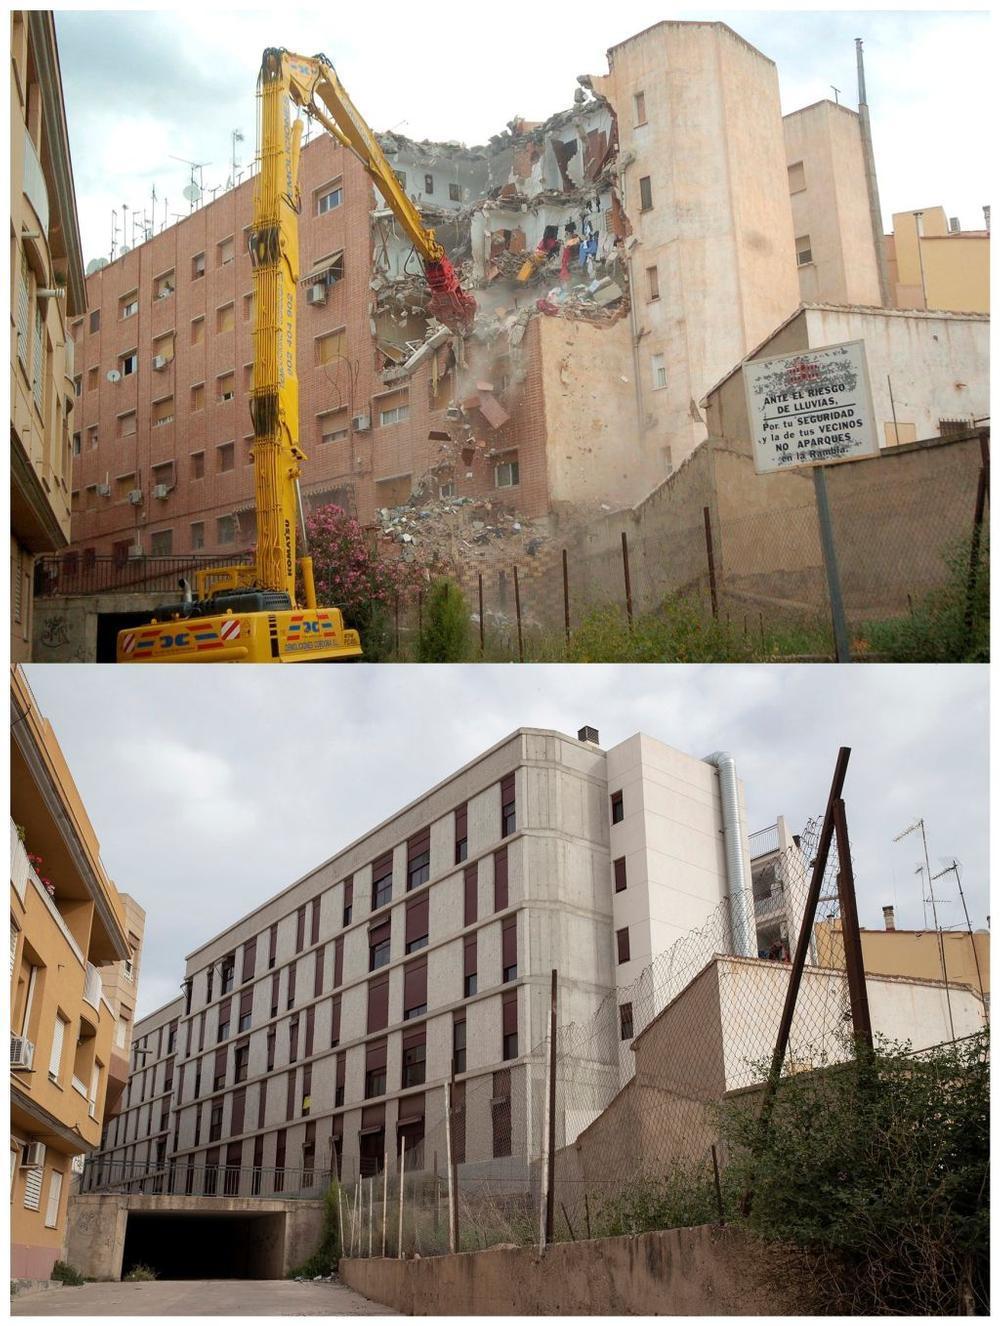 Comparativa del Residencial 'Princesa' del barrio de La Viña tras el seísmo y en la actualidad, después de que se tuviera que demoler.